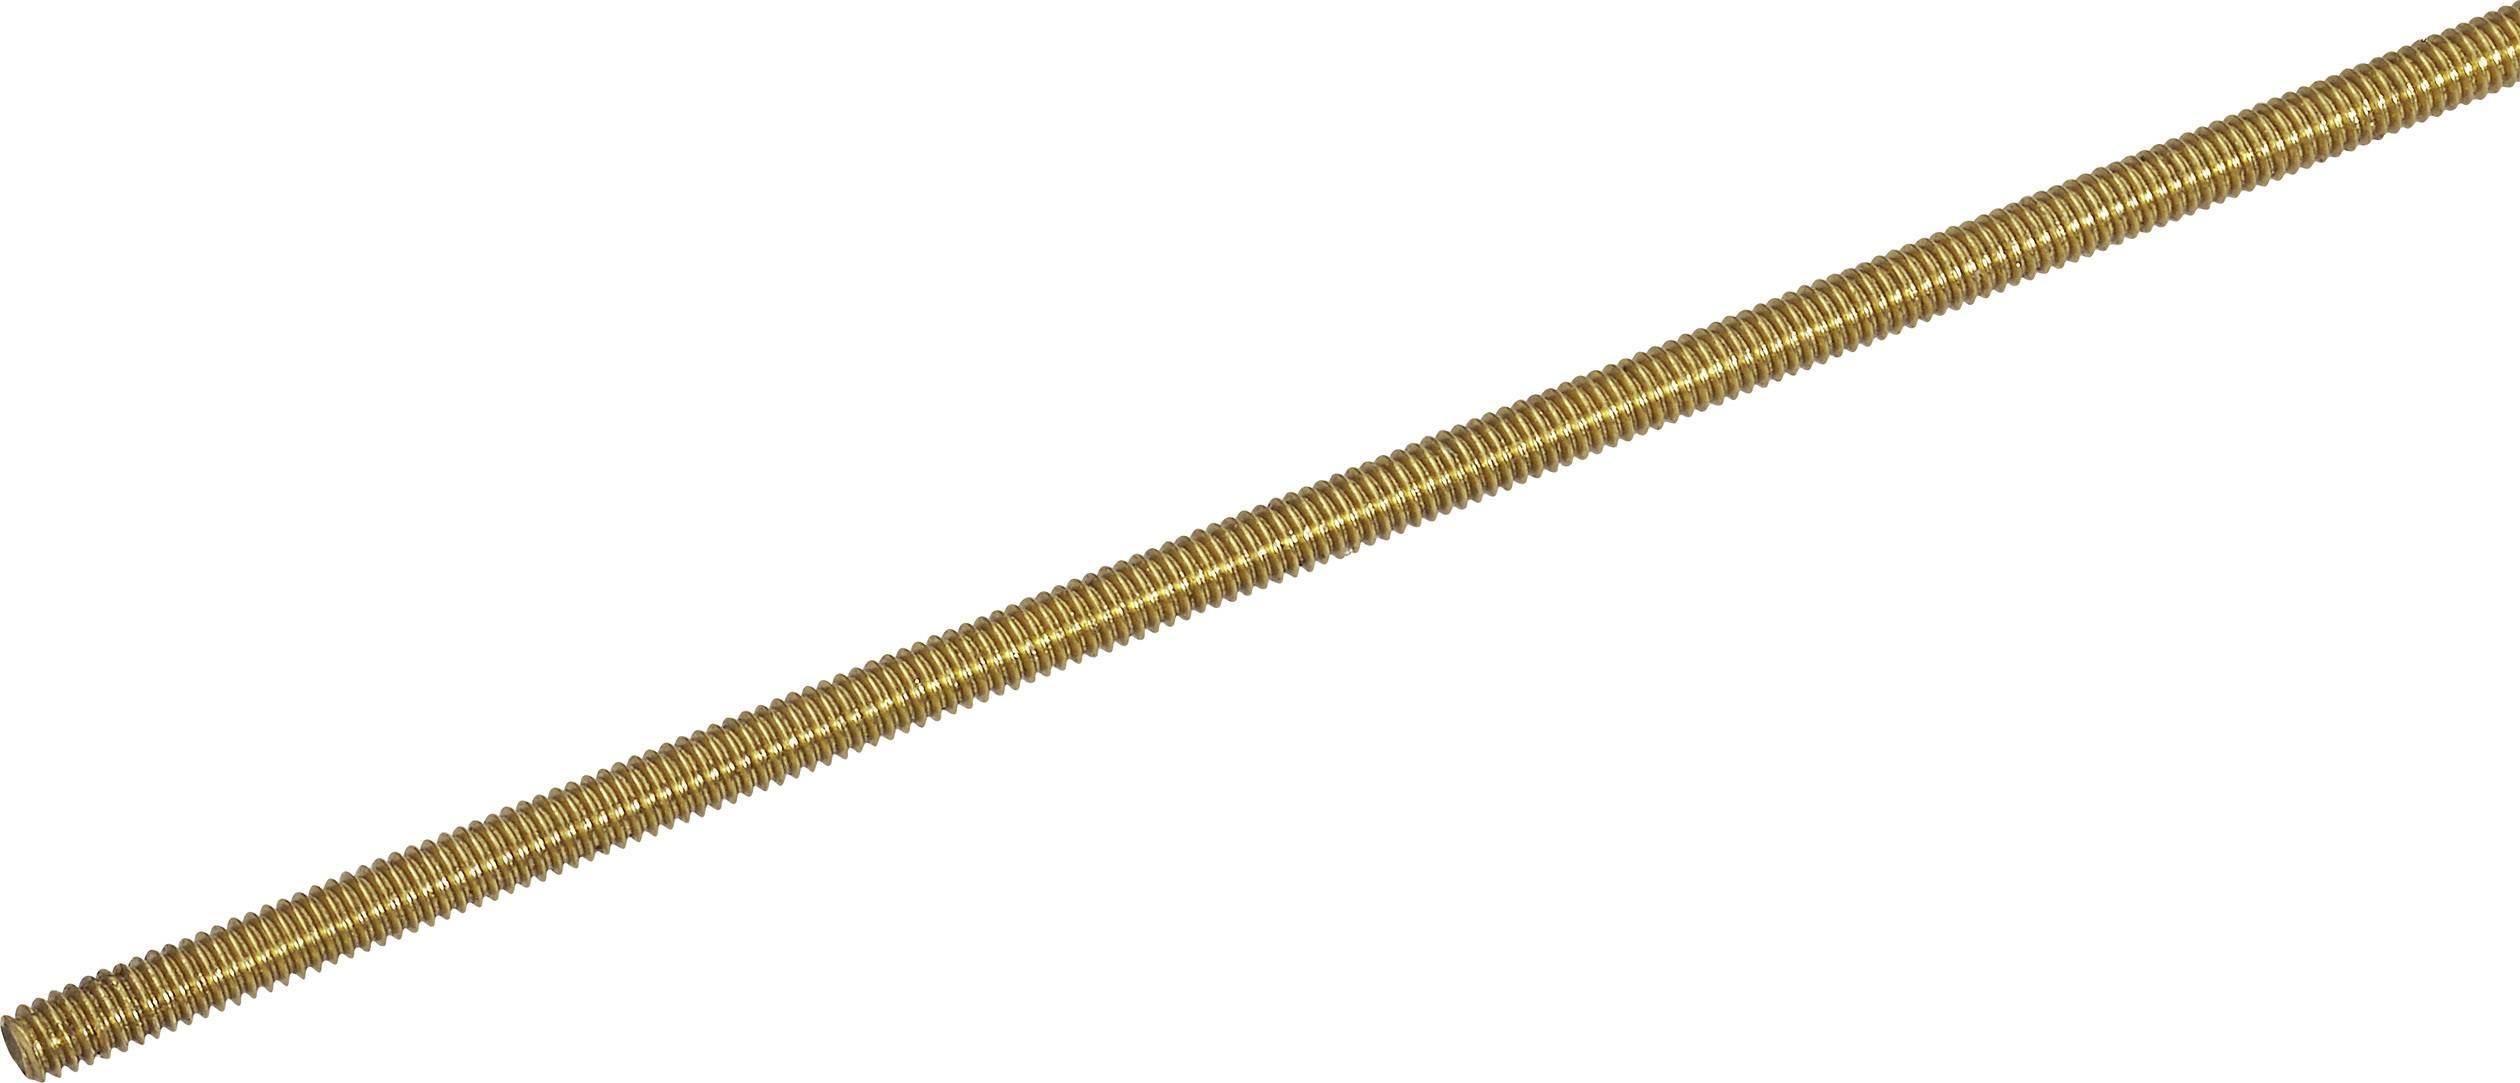 Závitová tyč Reely 221786 N/A, M4, 500 mm, mosadz, 1 ks